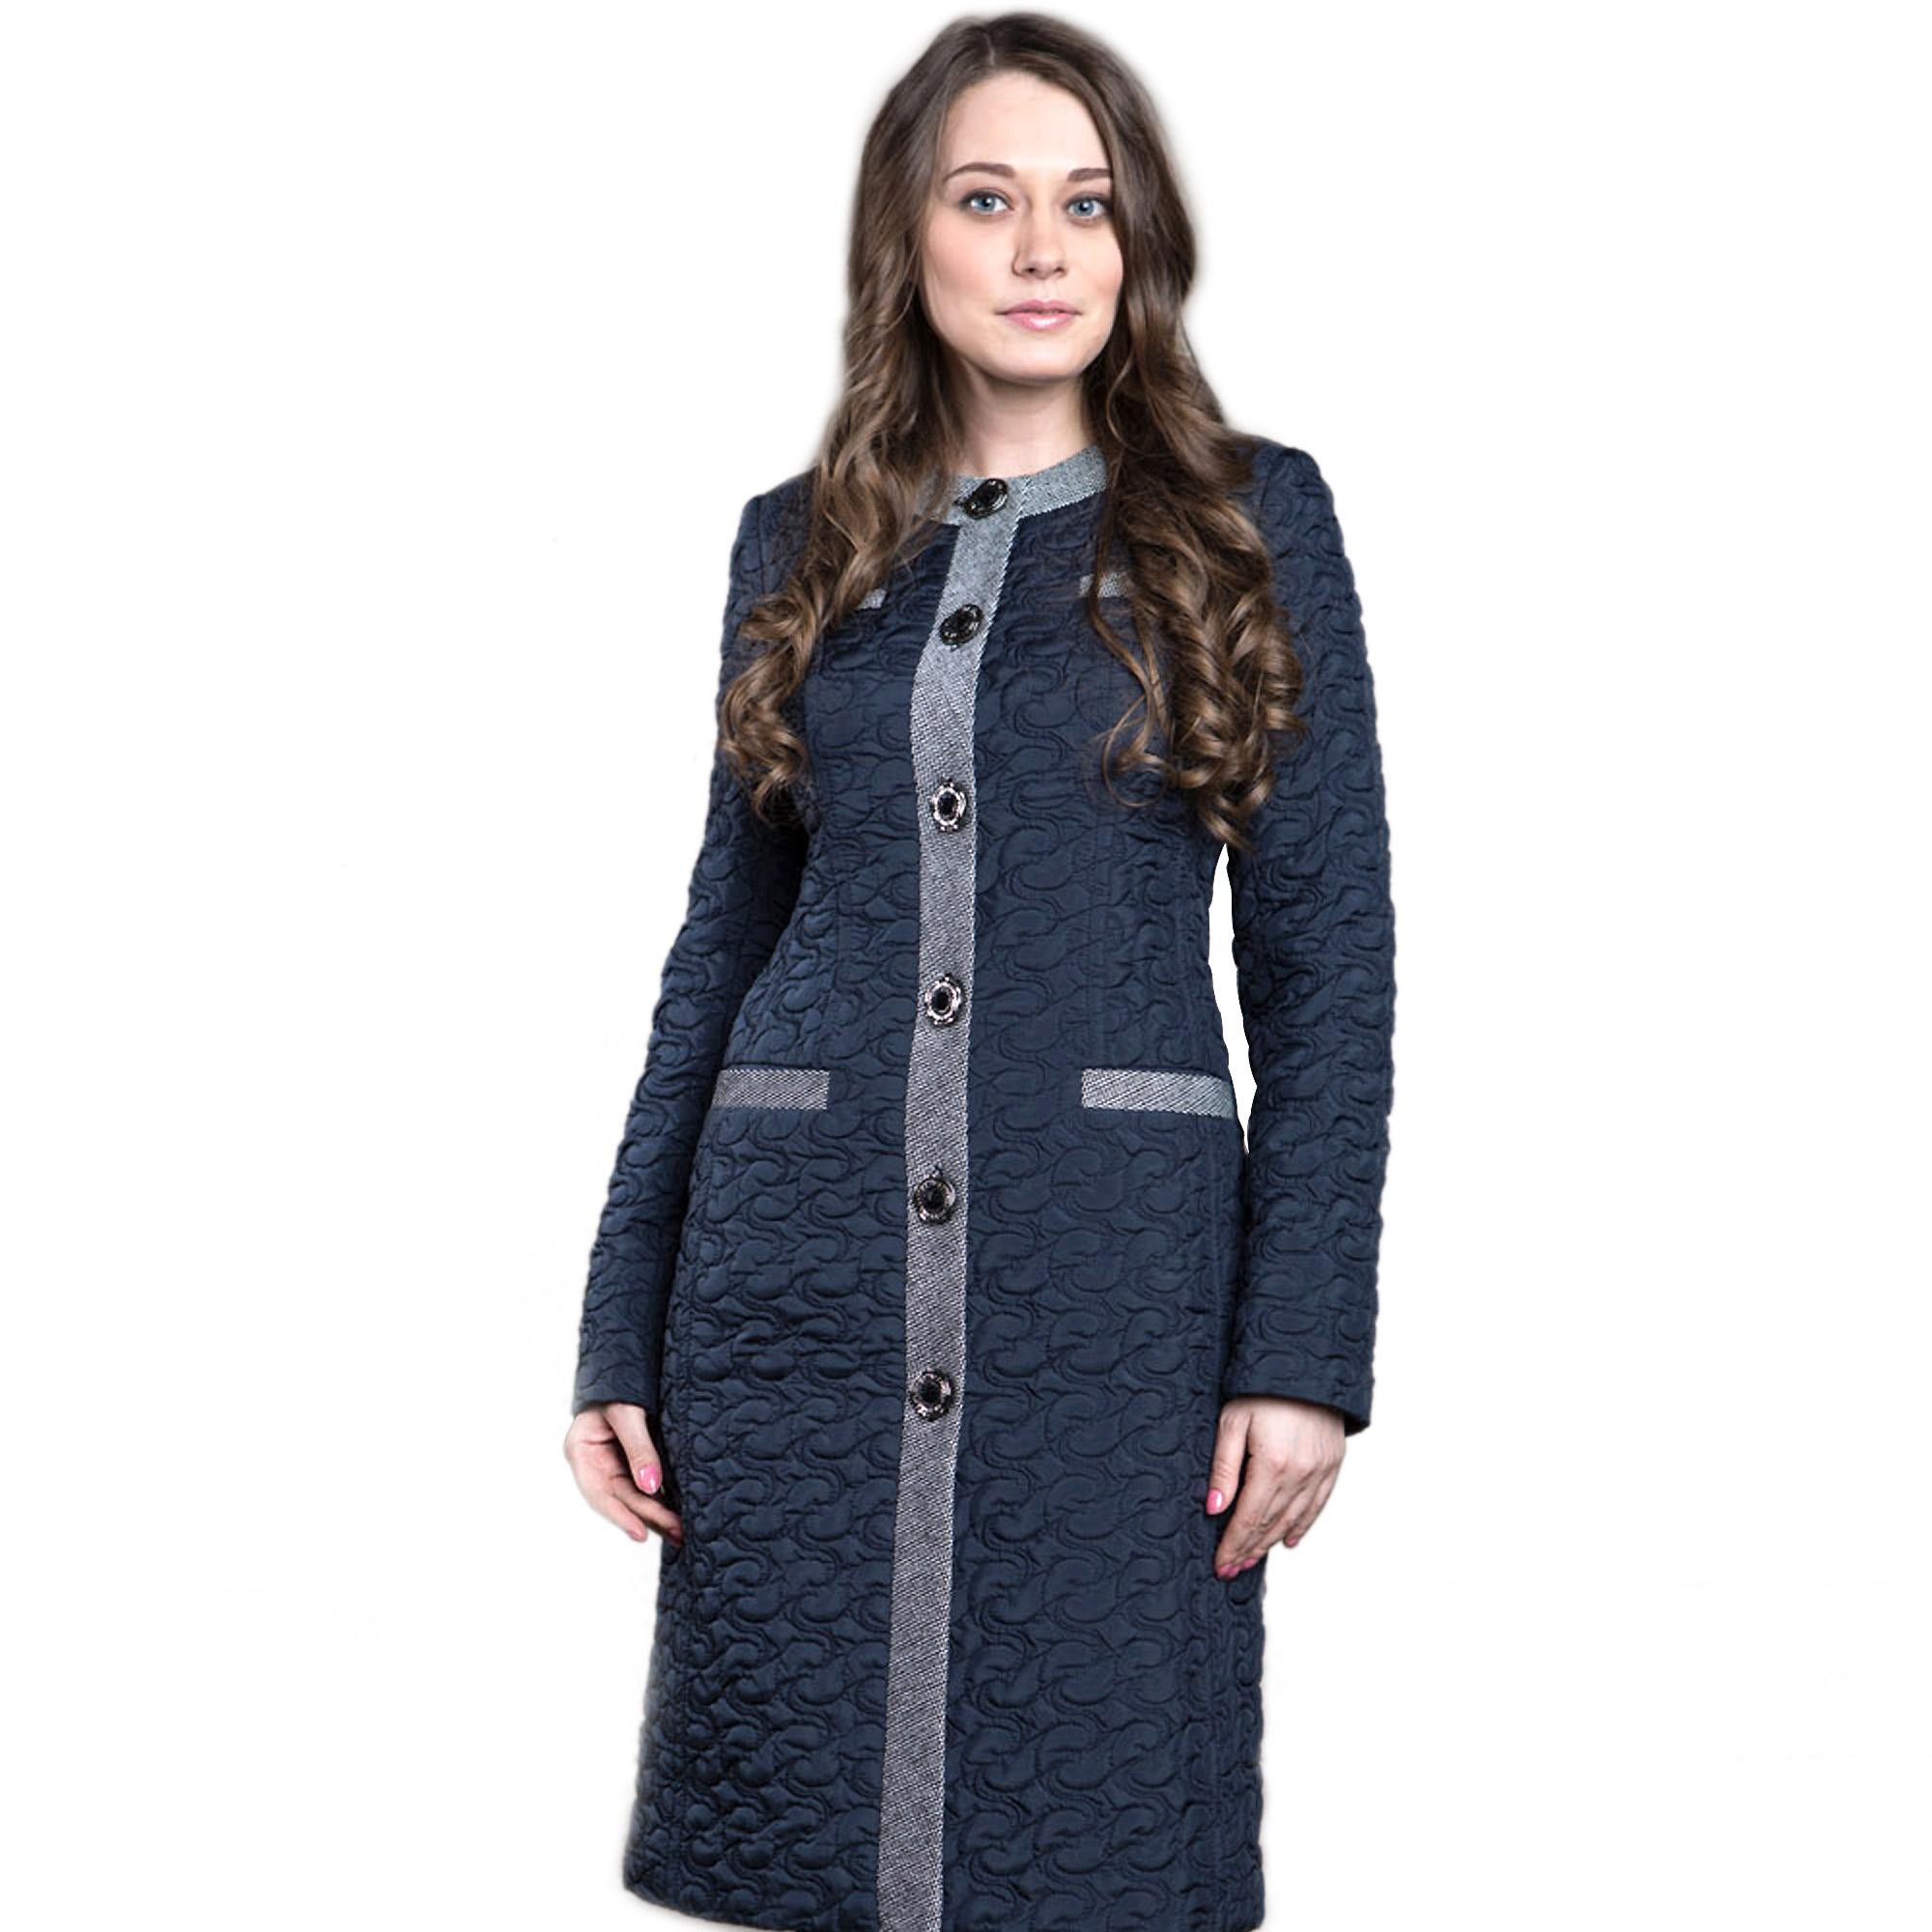 Пальто женское прилегающего силуэта из плащевой стеганой ткани с отделкой из твида